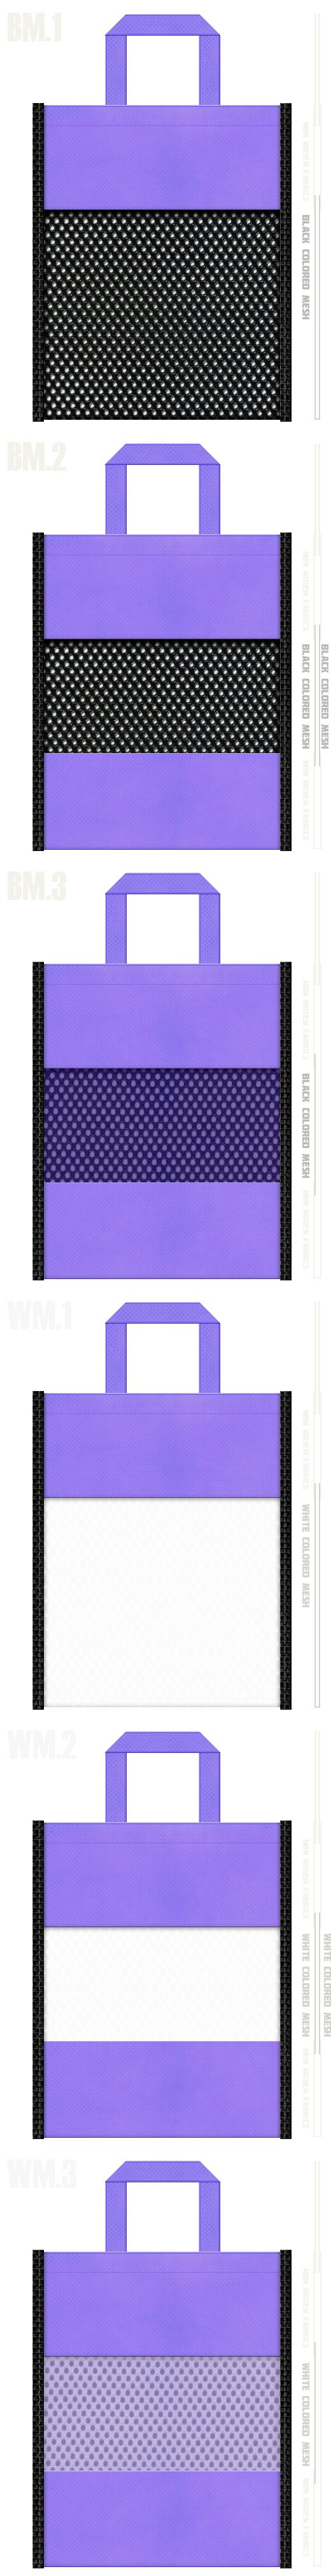 フラットタイプのメッシュバッグのカラーシミュレーション:黒色・白色メッシュと薄紫色不織布の組み合わせ